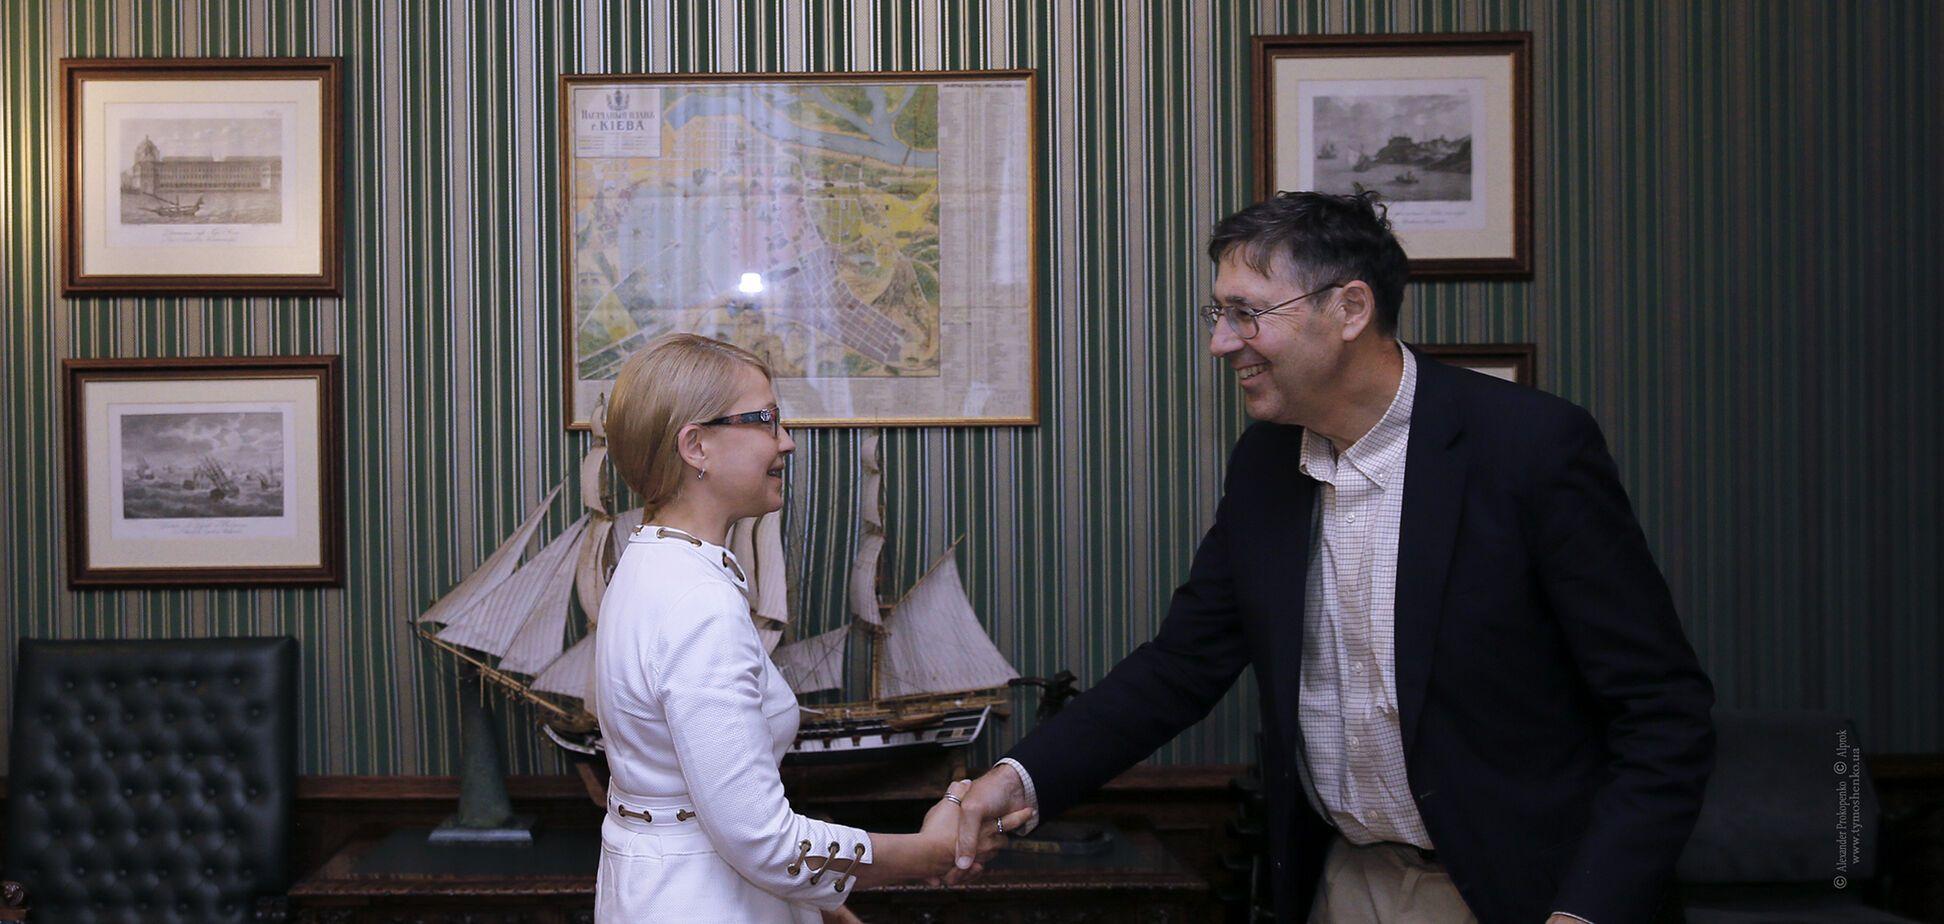 Юлія Тимошенко обговорила з послом Хербстом, як тиснути на Росію